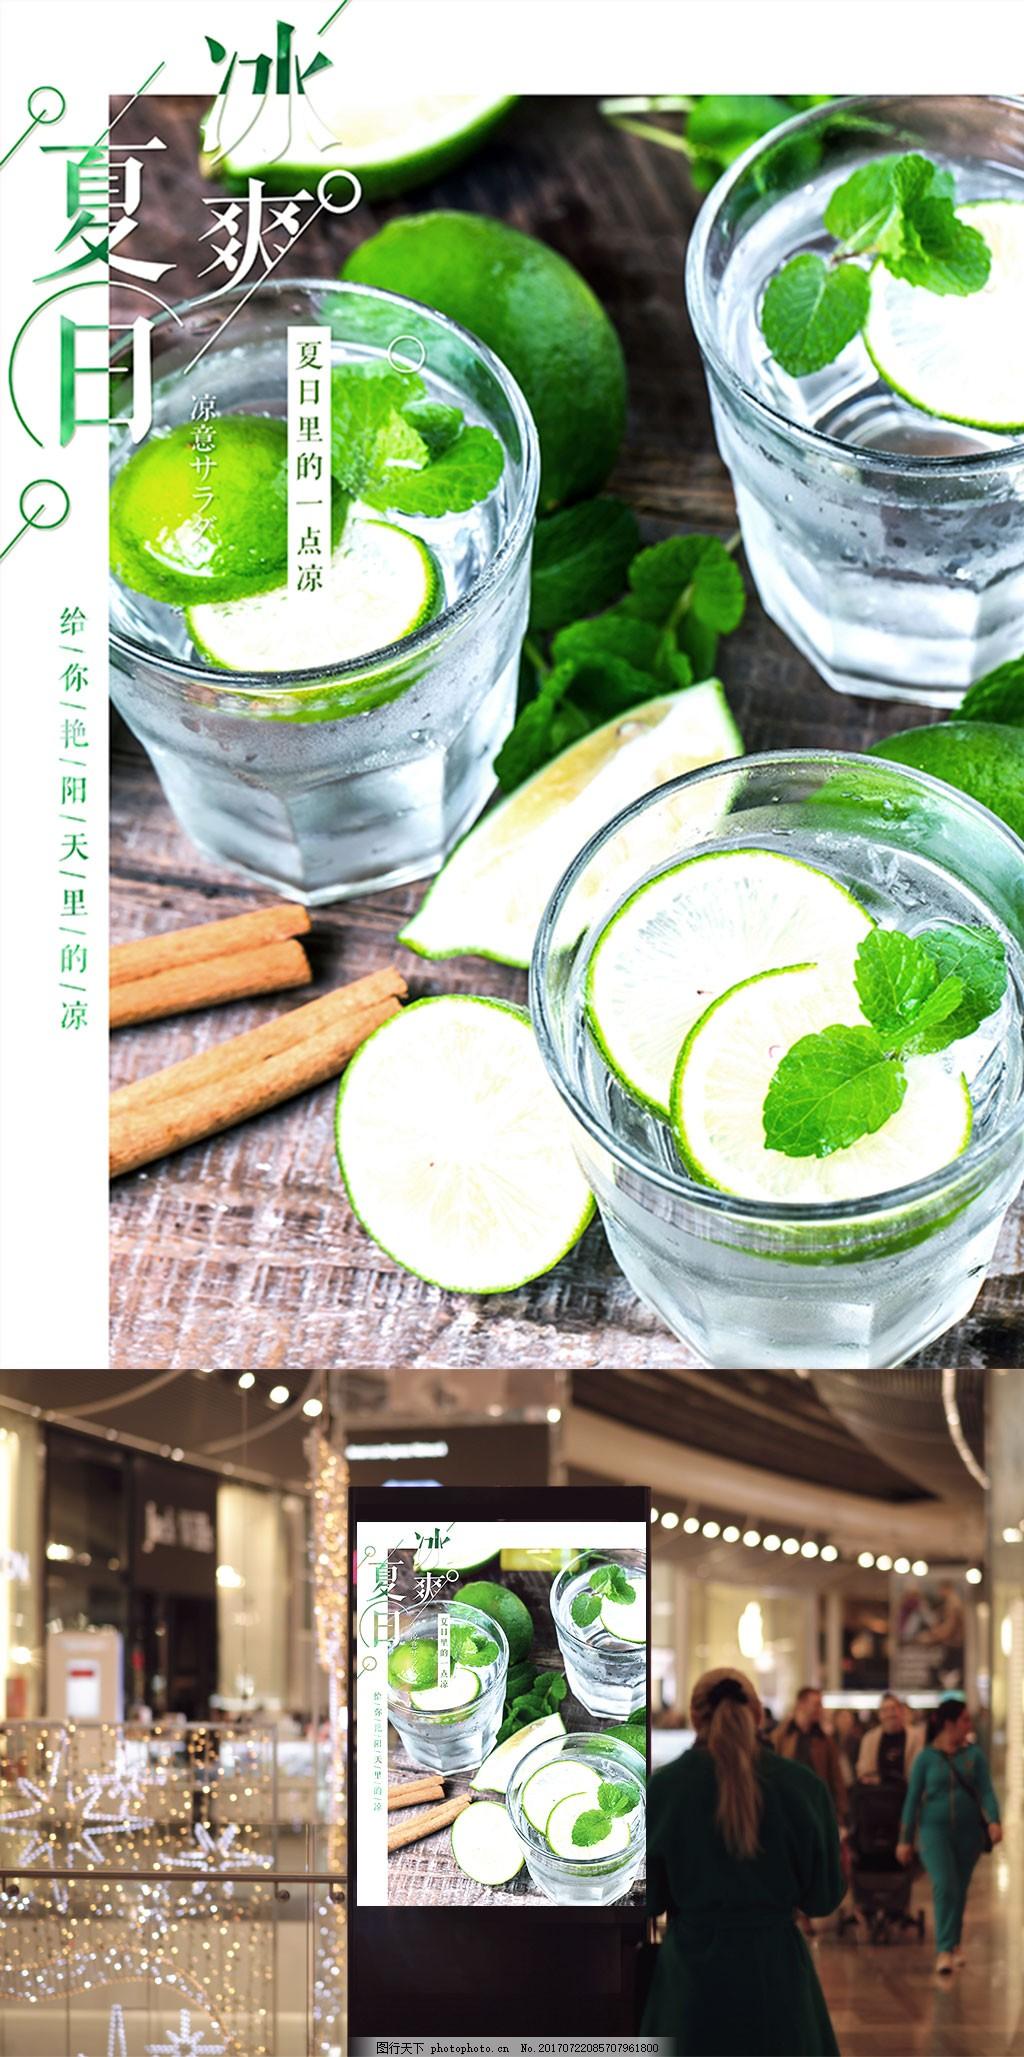 冰爽夏日柠檬清凉海报 清新 盛夏 凉爽 炎热 夏季 冰棒 柠檬水